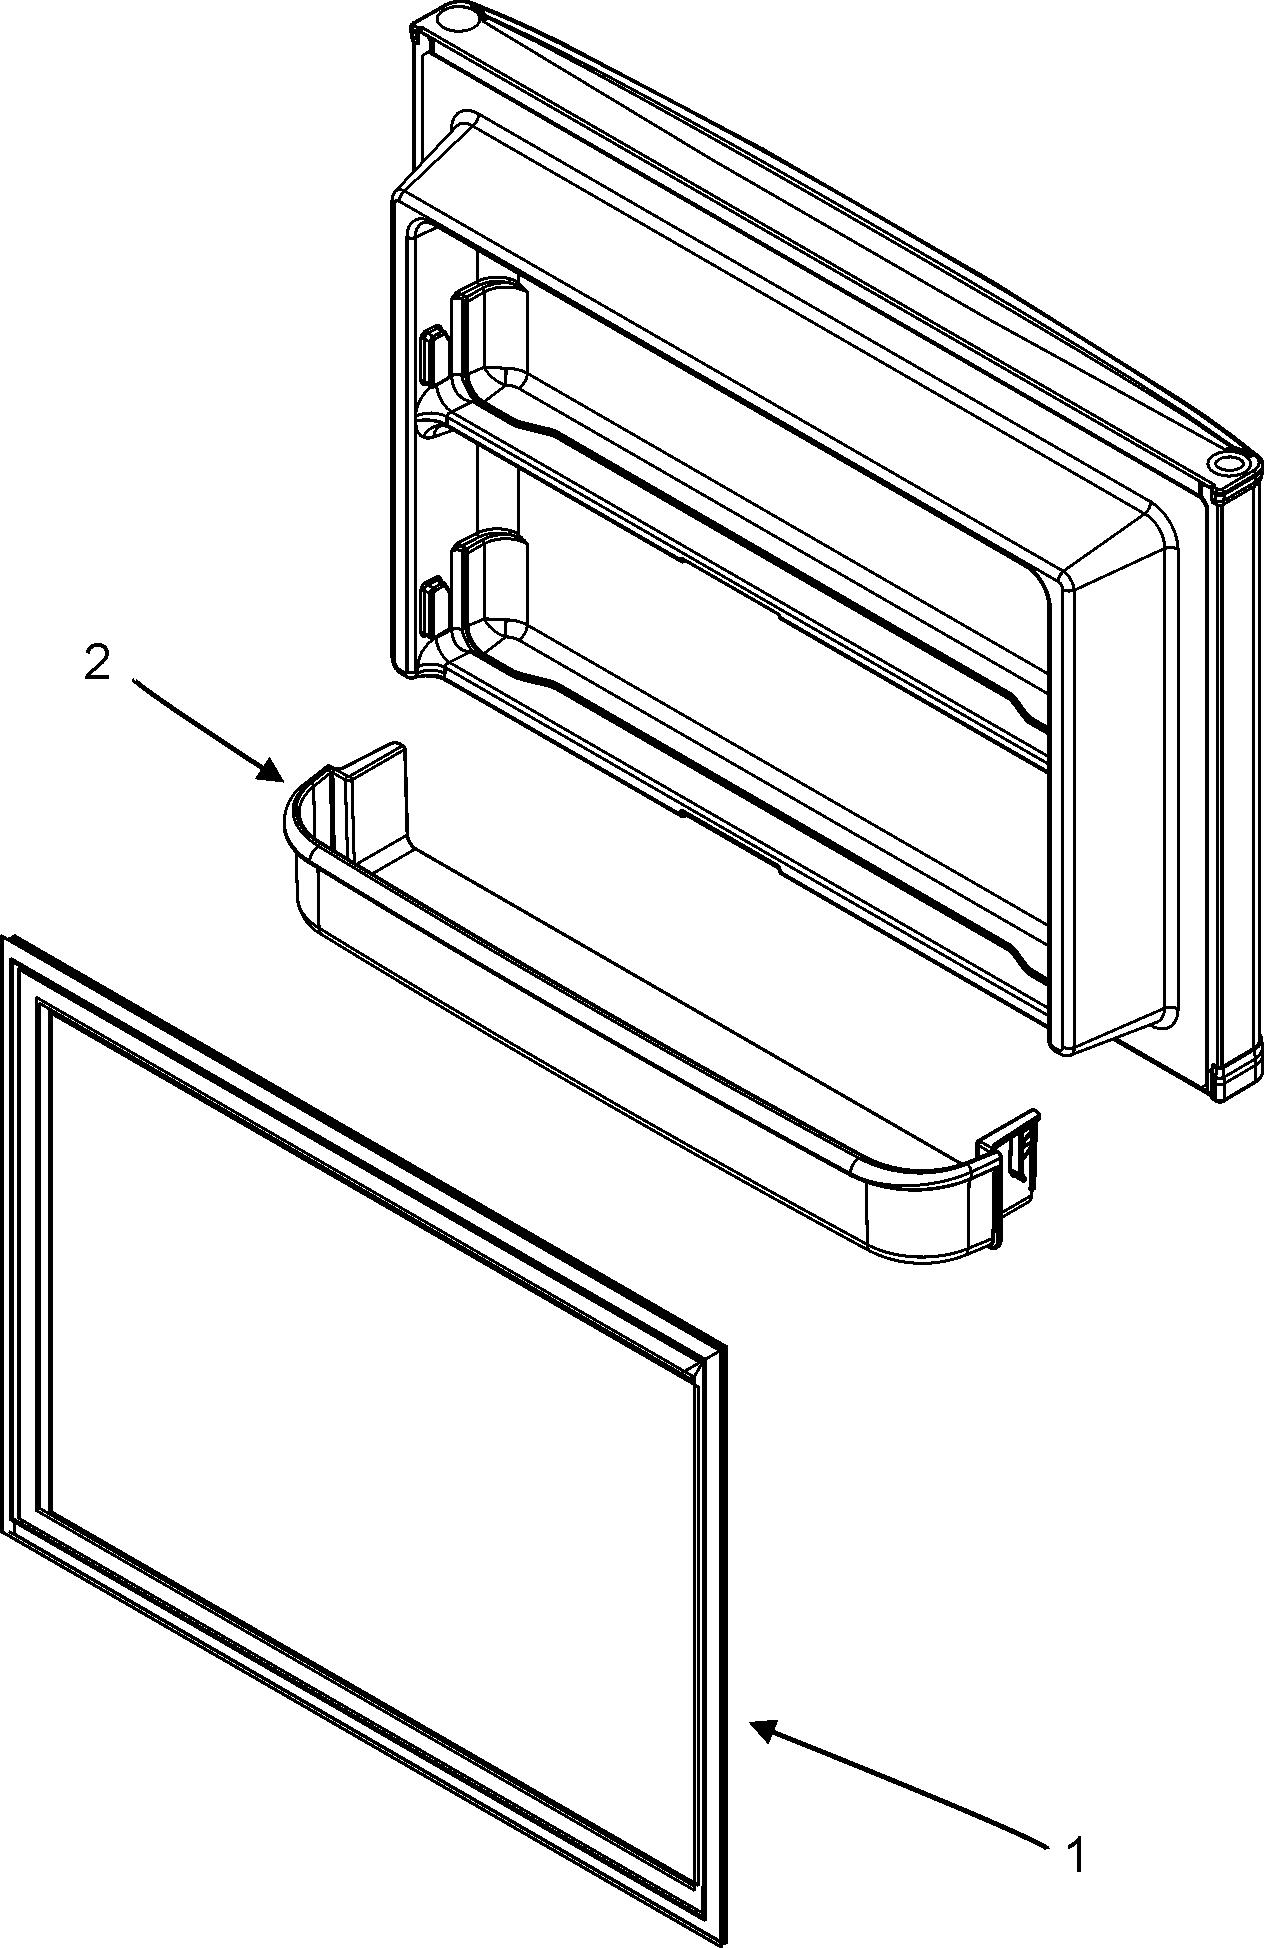 Refrigerated: Maytag Refrigerator Parts